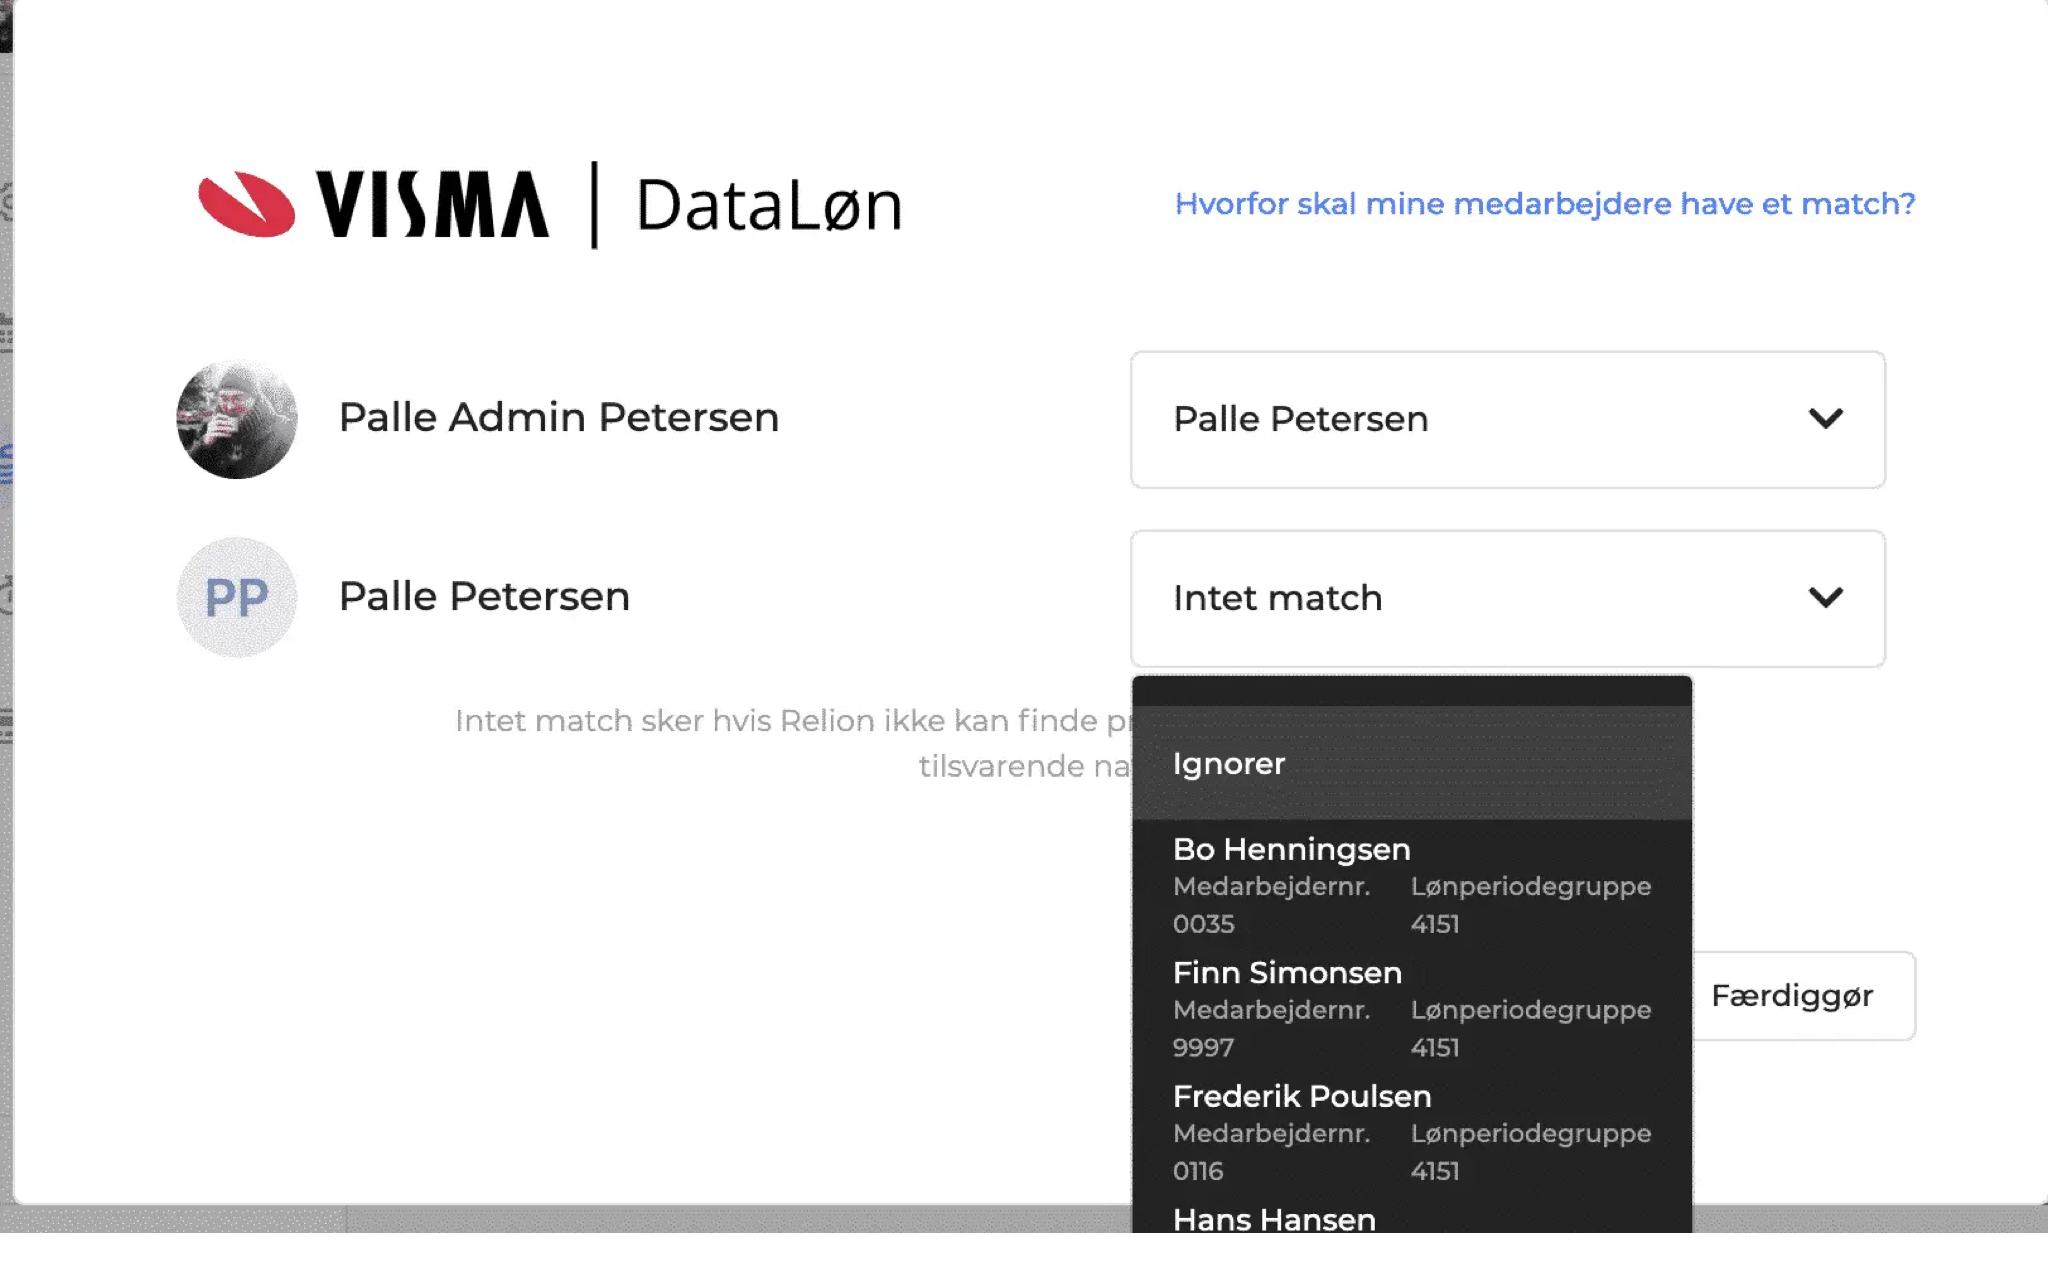 DataLøn integration step 1